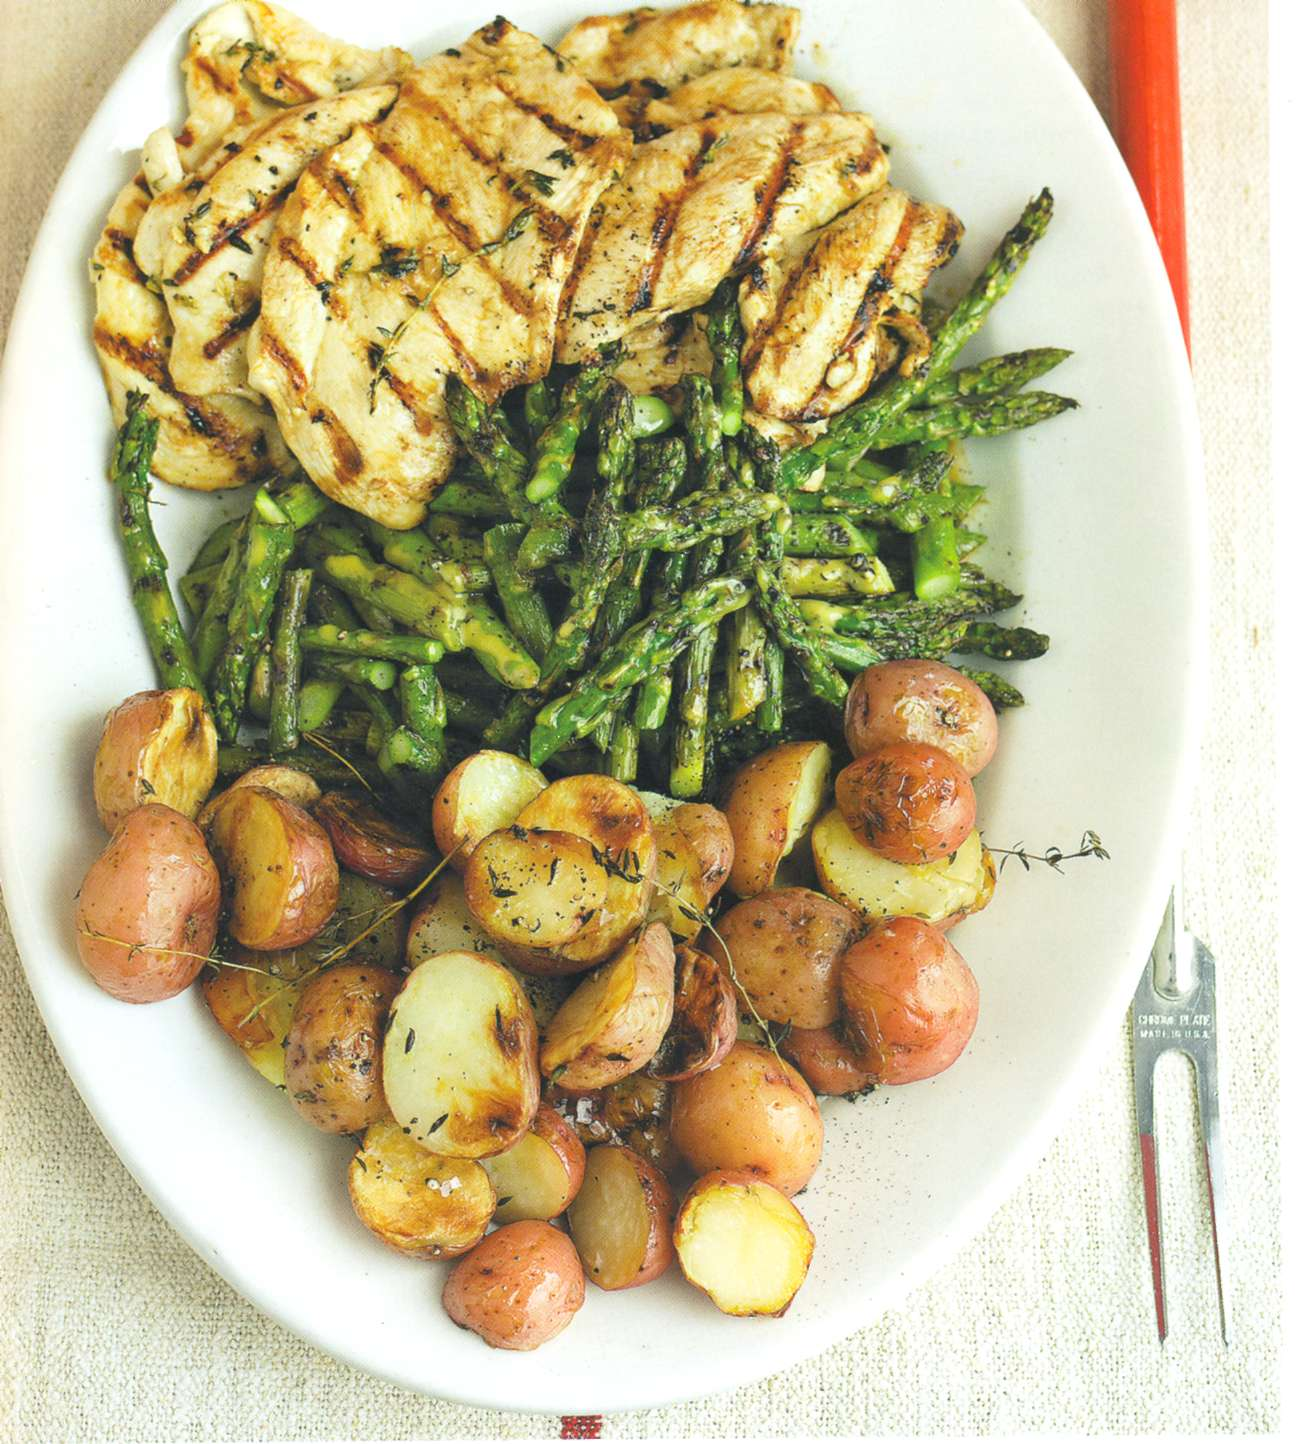 Рецепт: замаринованные в чесноке куриные отбивные с картофелем на гриле